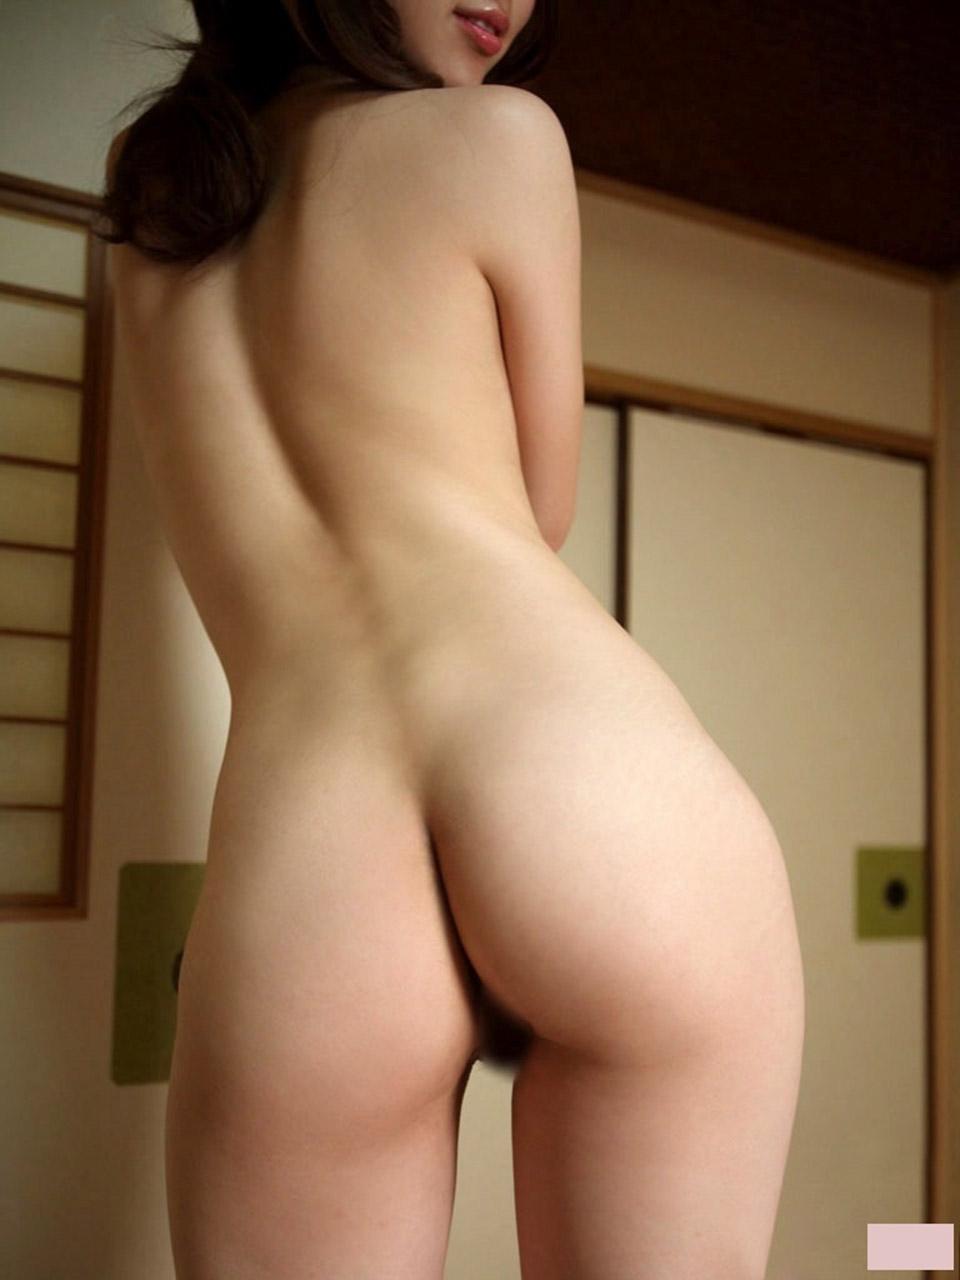 【おっぱい】背中美人の後ろ姿を見ていたらおっぱいが気になって仕方ないwww【32枚】 29